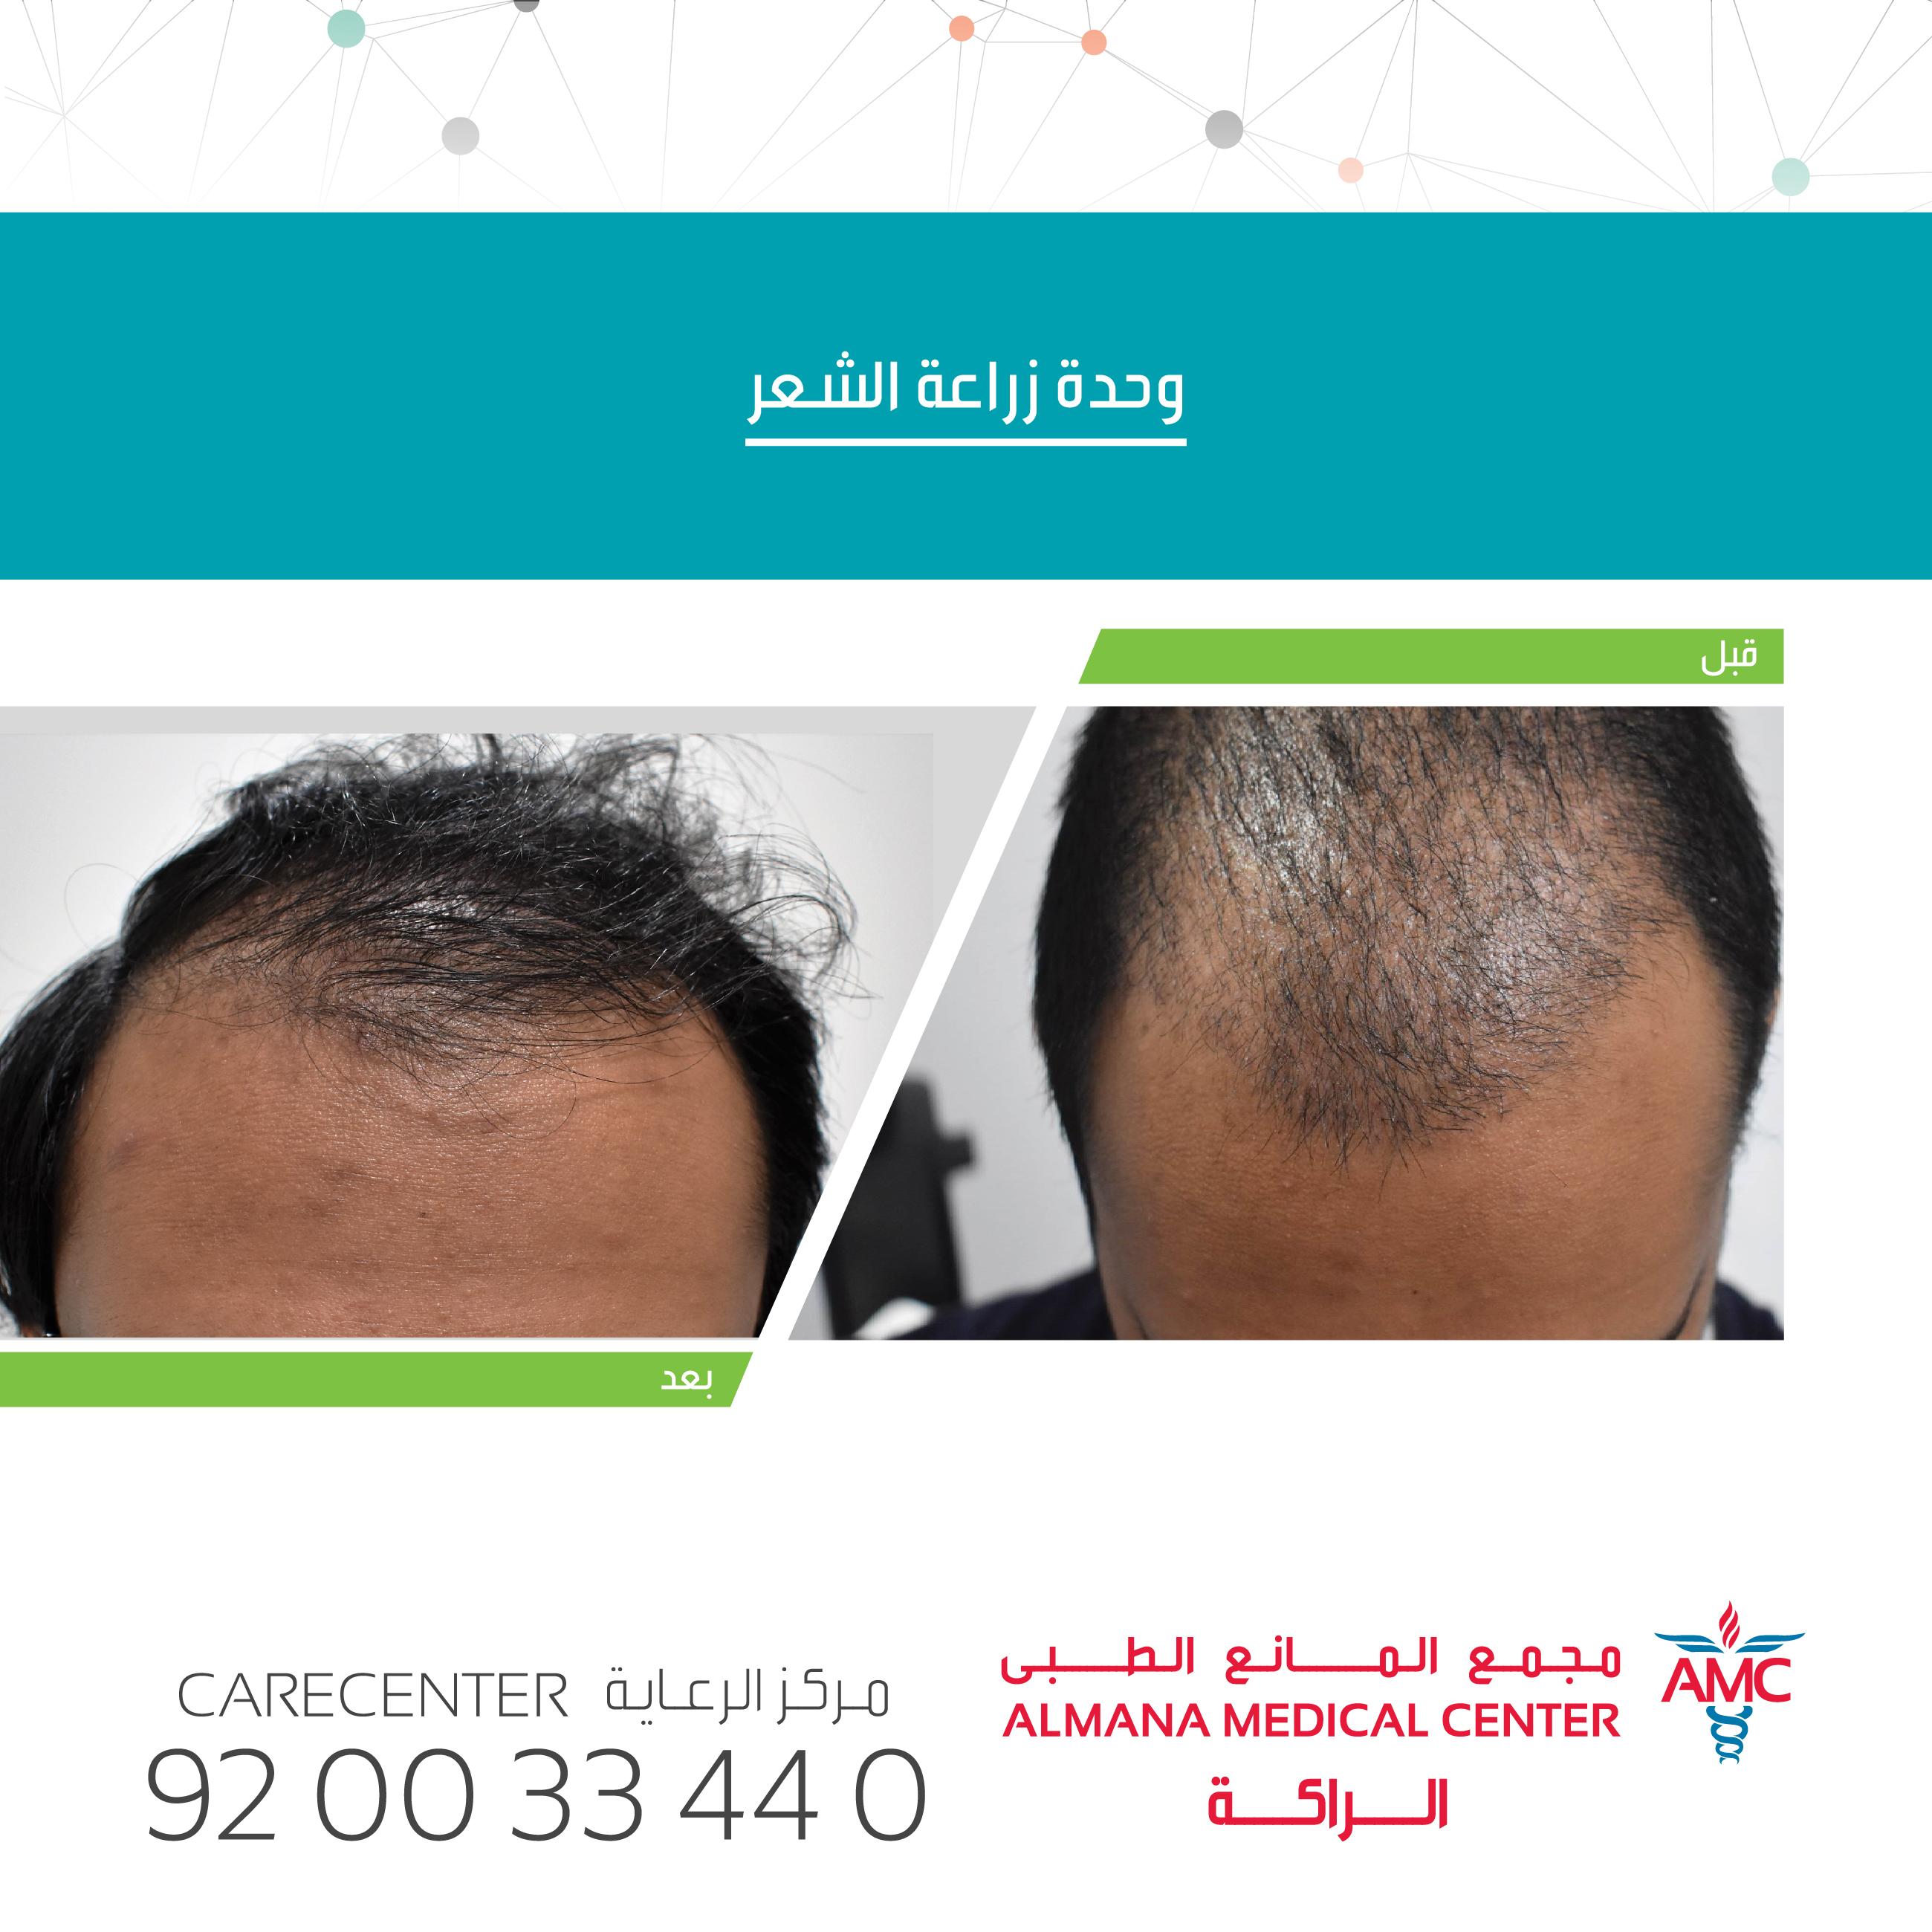 وحدة زراعة الشعر في مستشفيات المانع